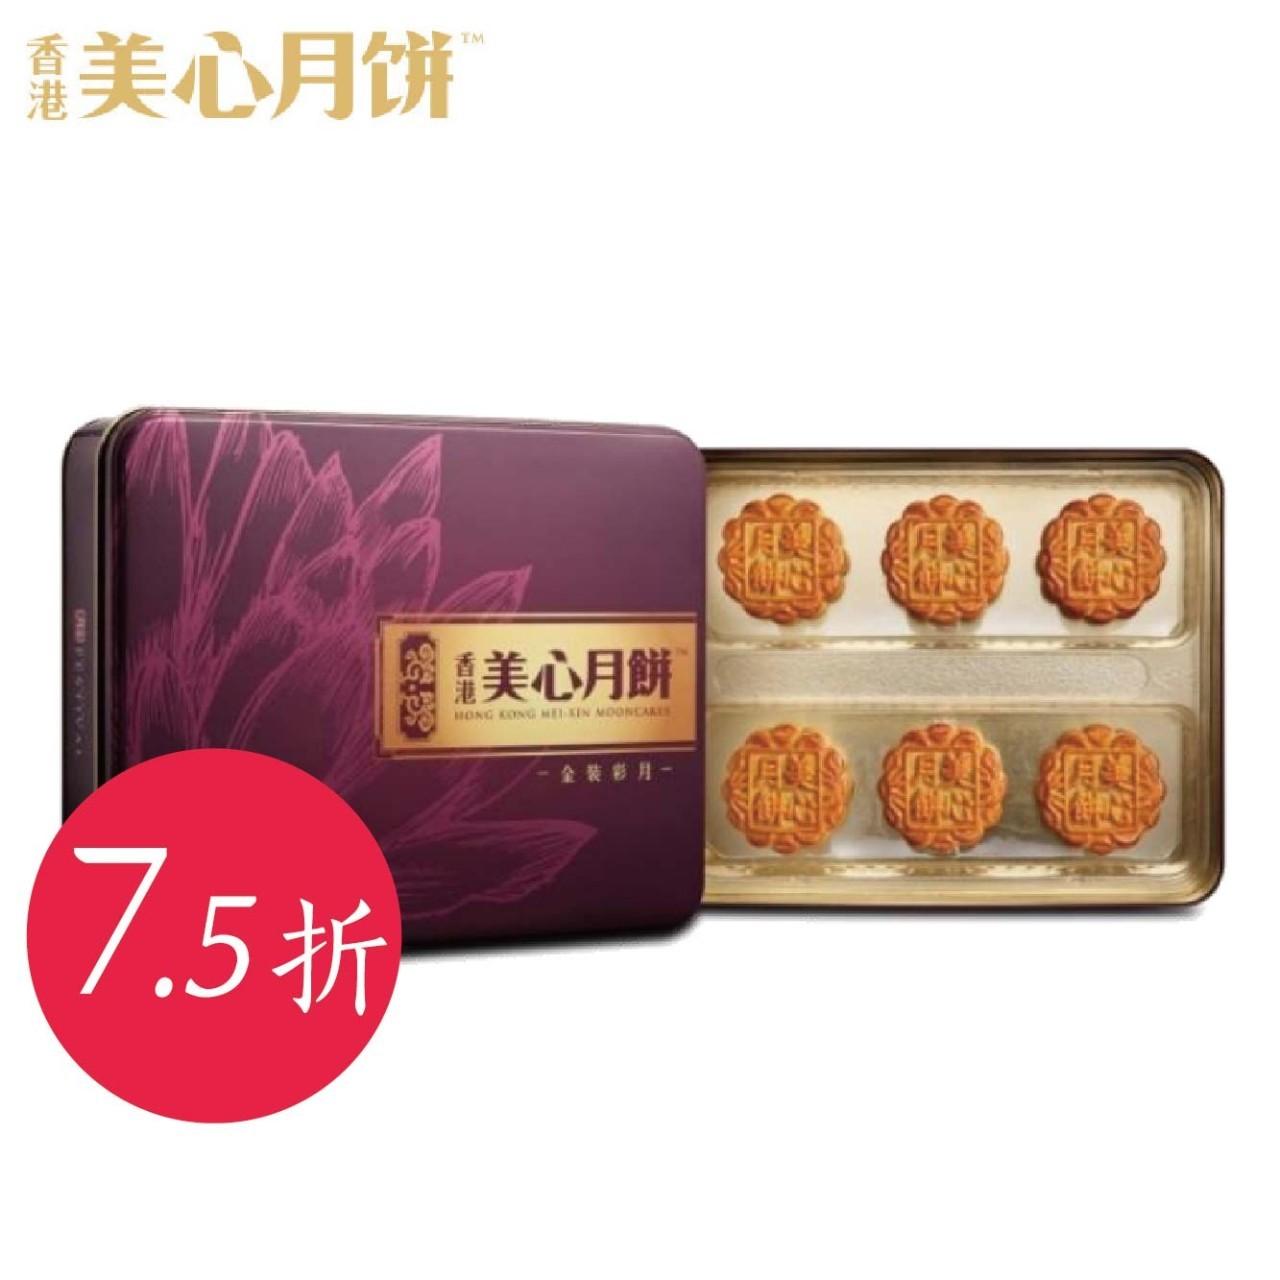 75折优惠 香港美心月饼,预售火爆开启 有你们爱的流心奶黄月饼哦